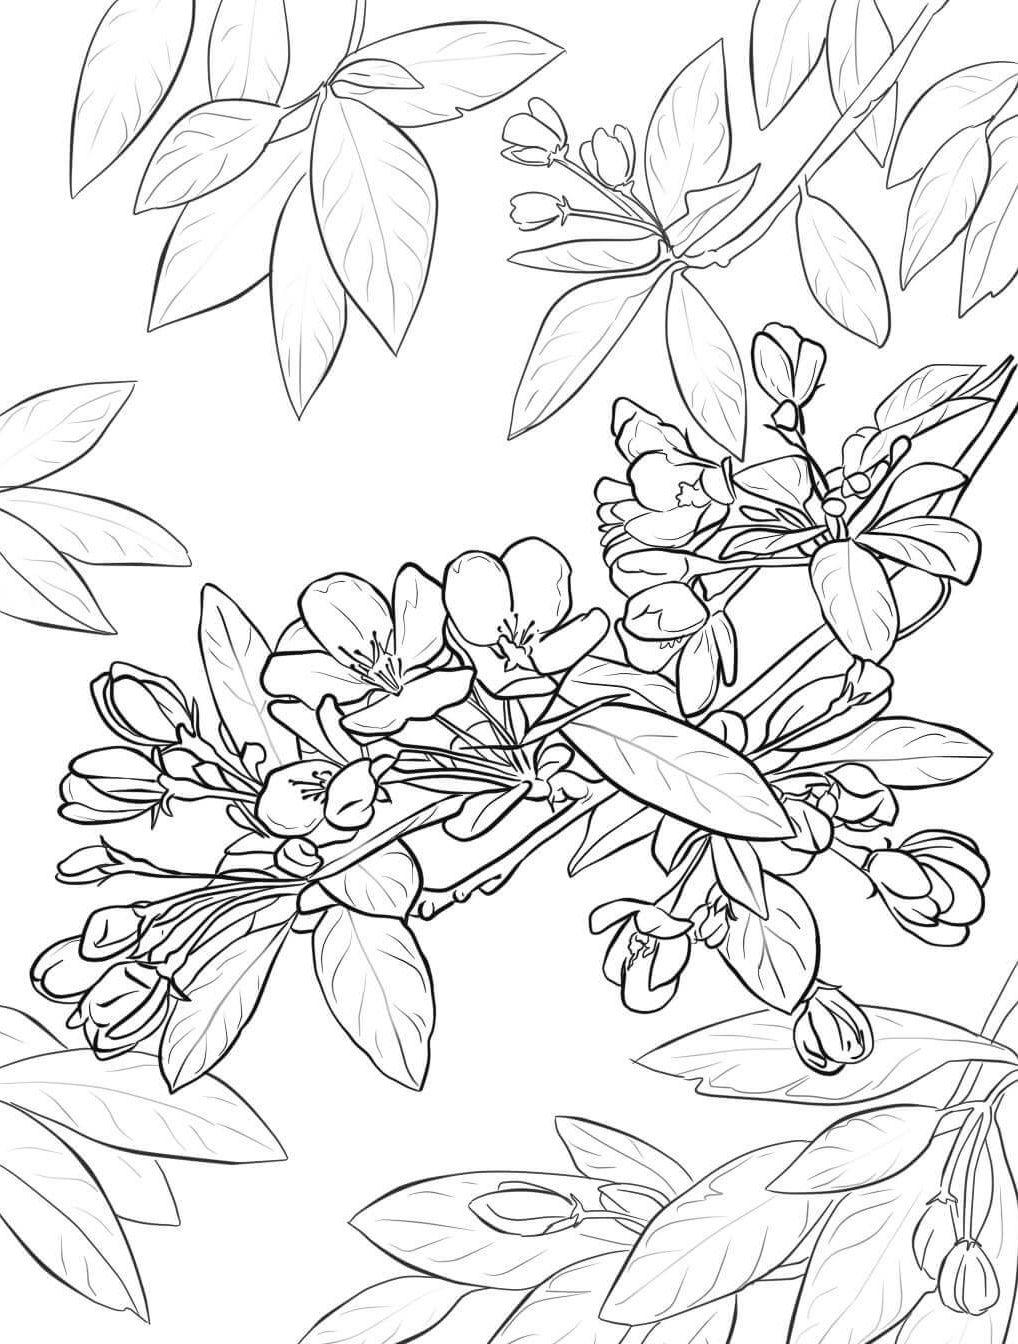 Яблоня в цвету - razukrashki.com | printables | Pinterest | Cosas ...